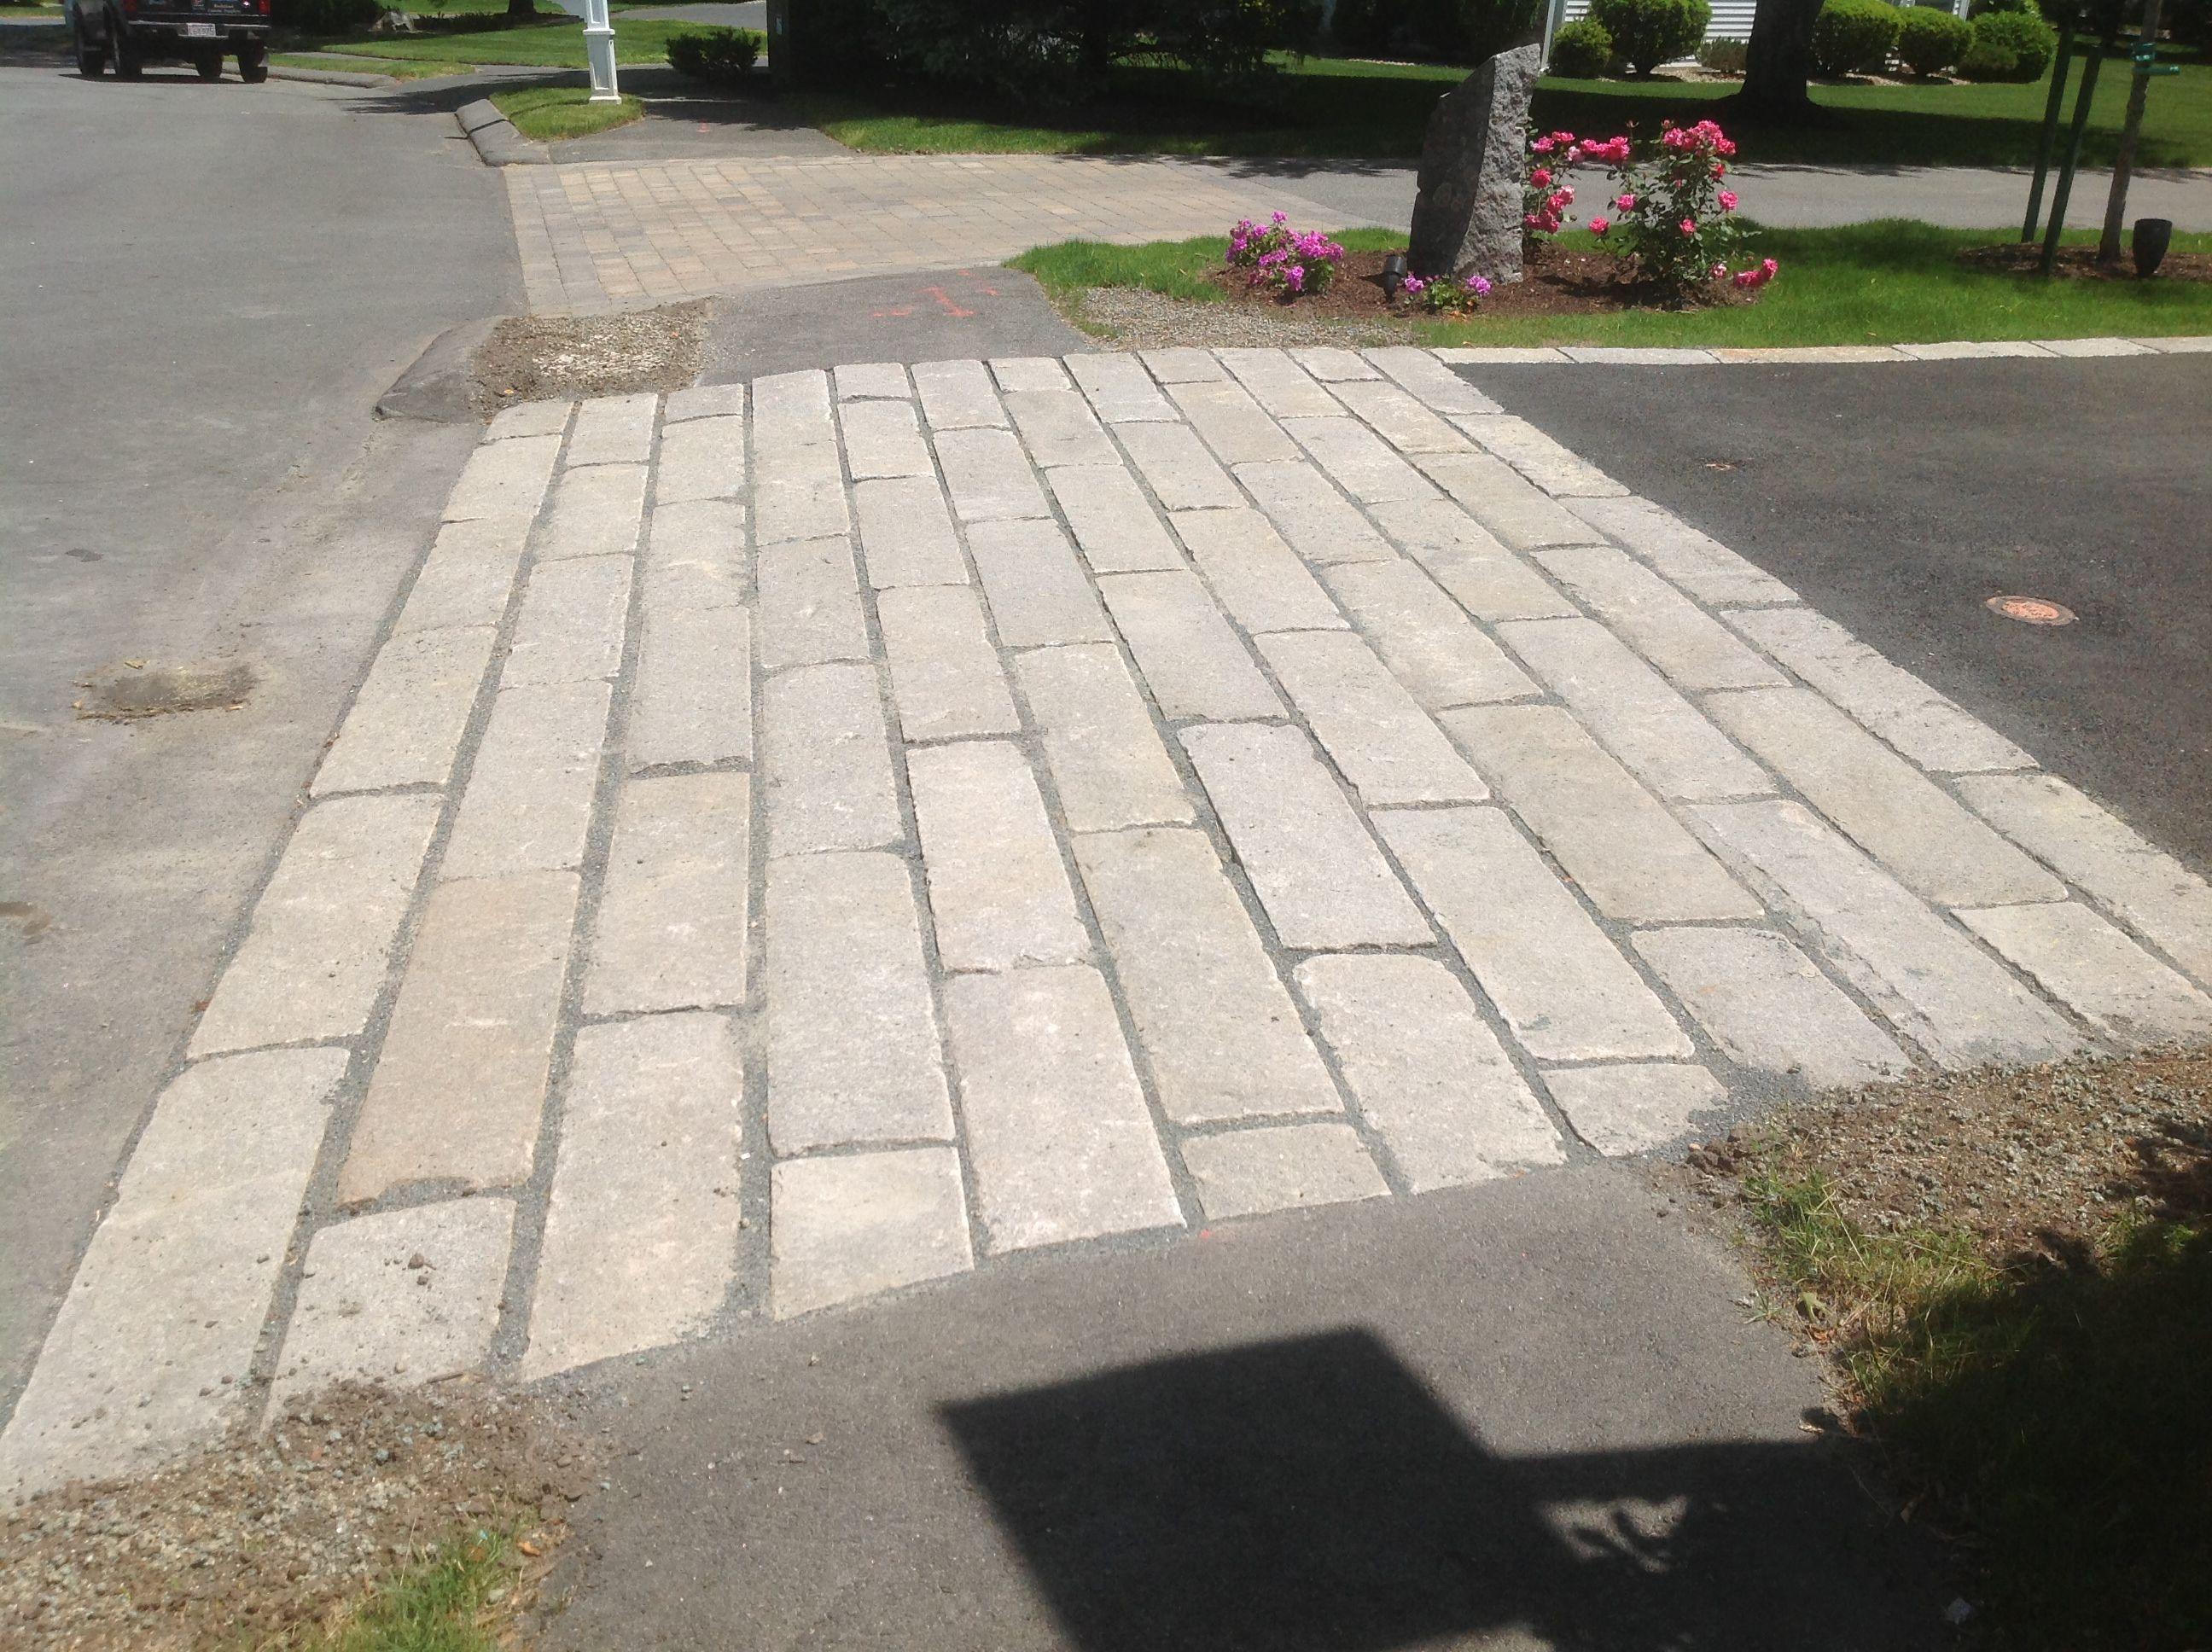 Granite Block Curb : Reclaimed granite curbing used in driveway apron